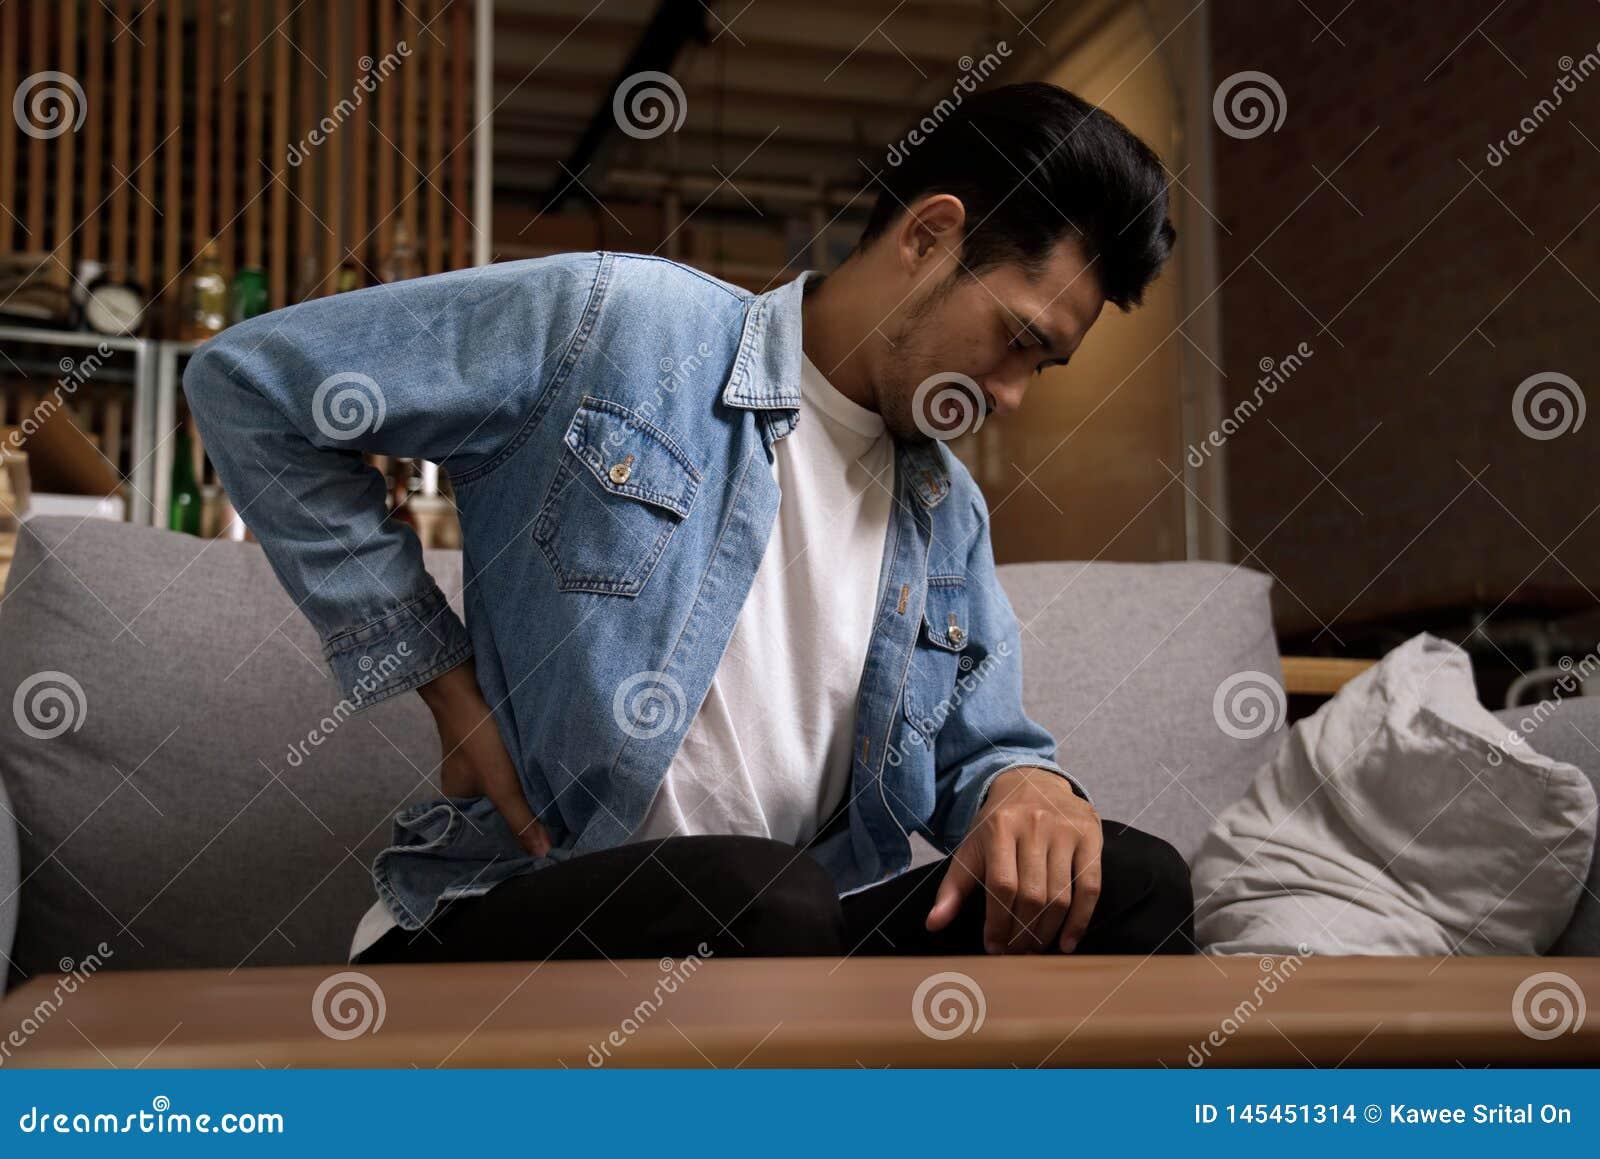 Asiatisk man som sitter på soffan som har ryggvärk och hemma rymmer hans baksida